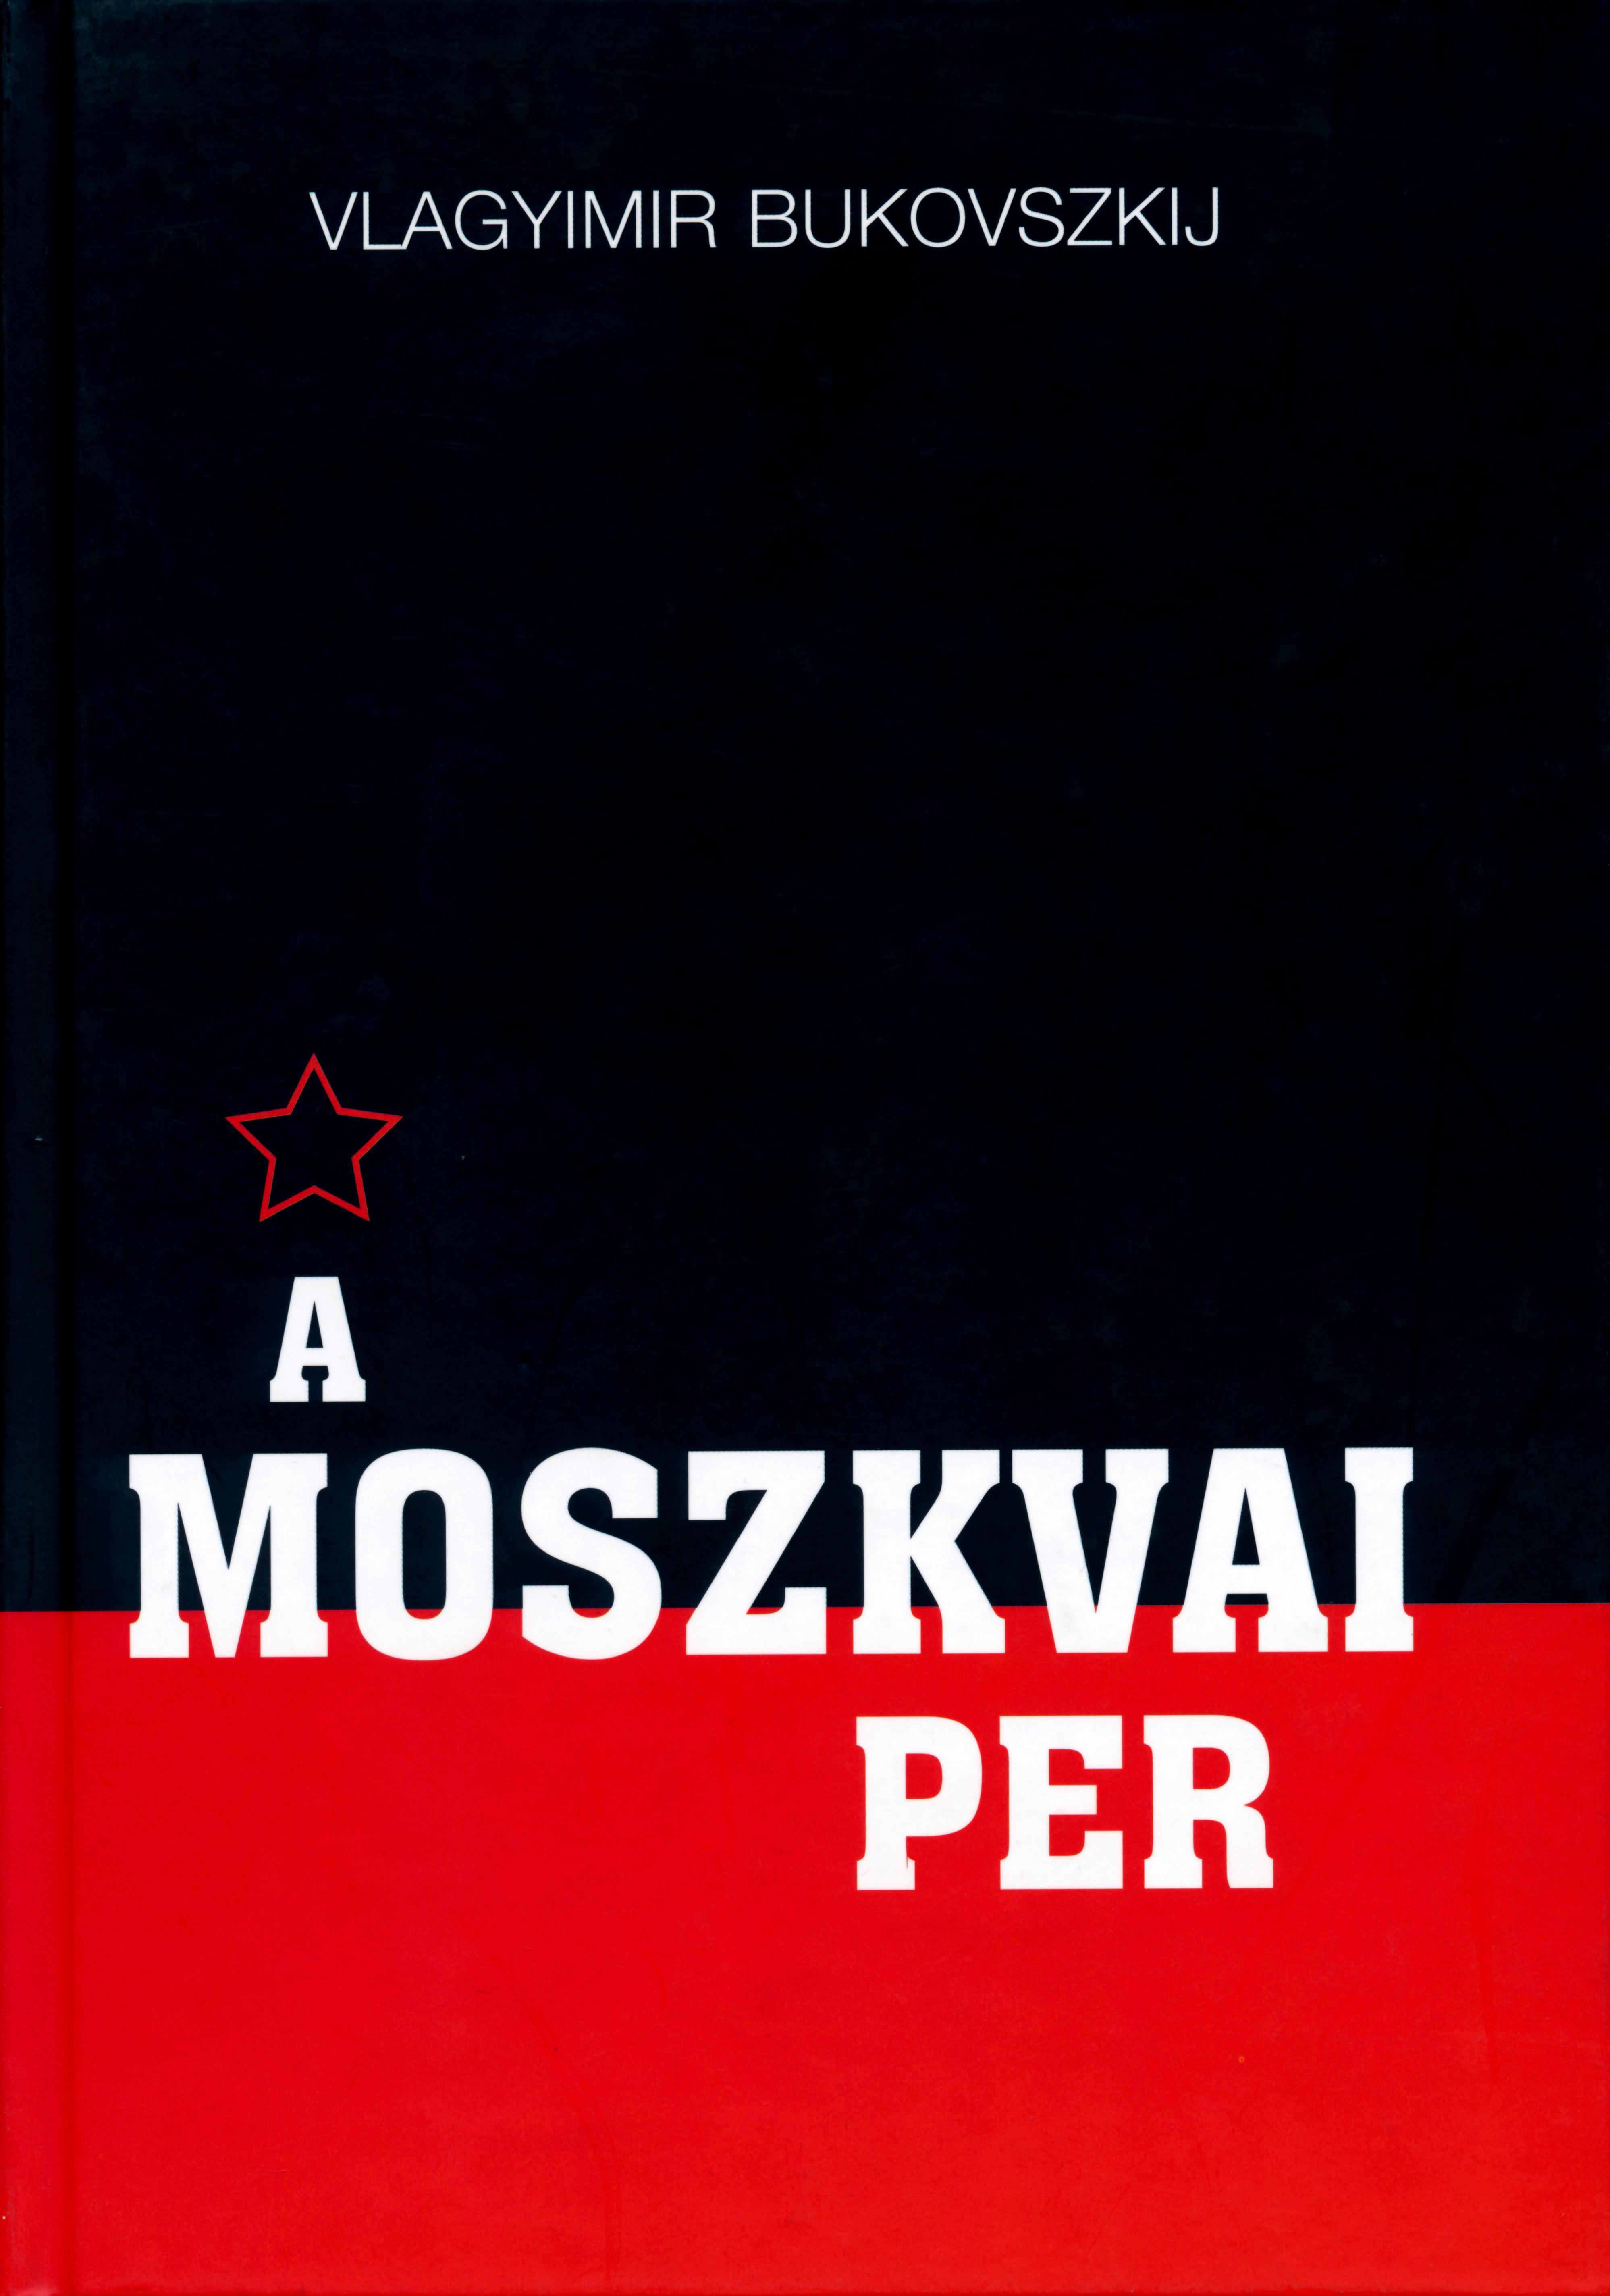 A moszkvai per